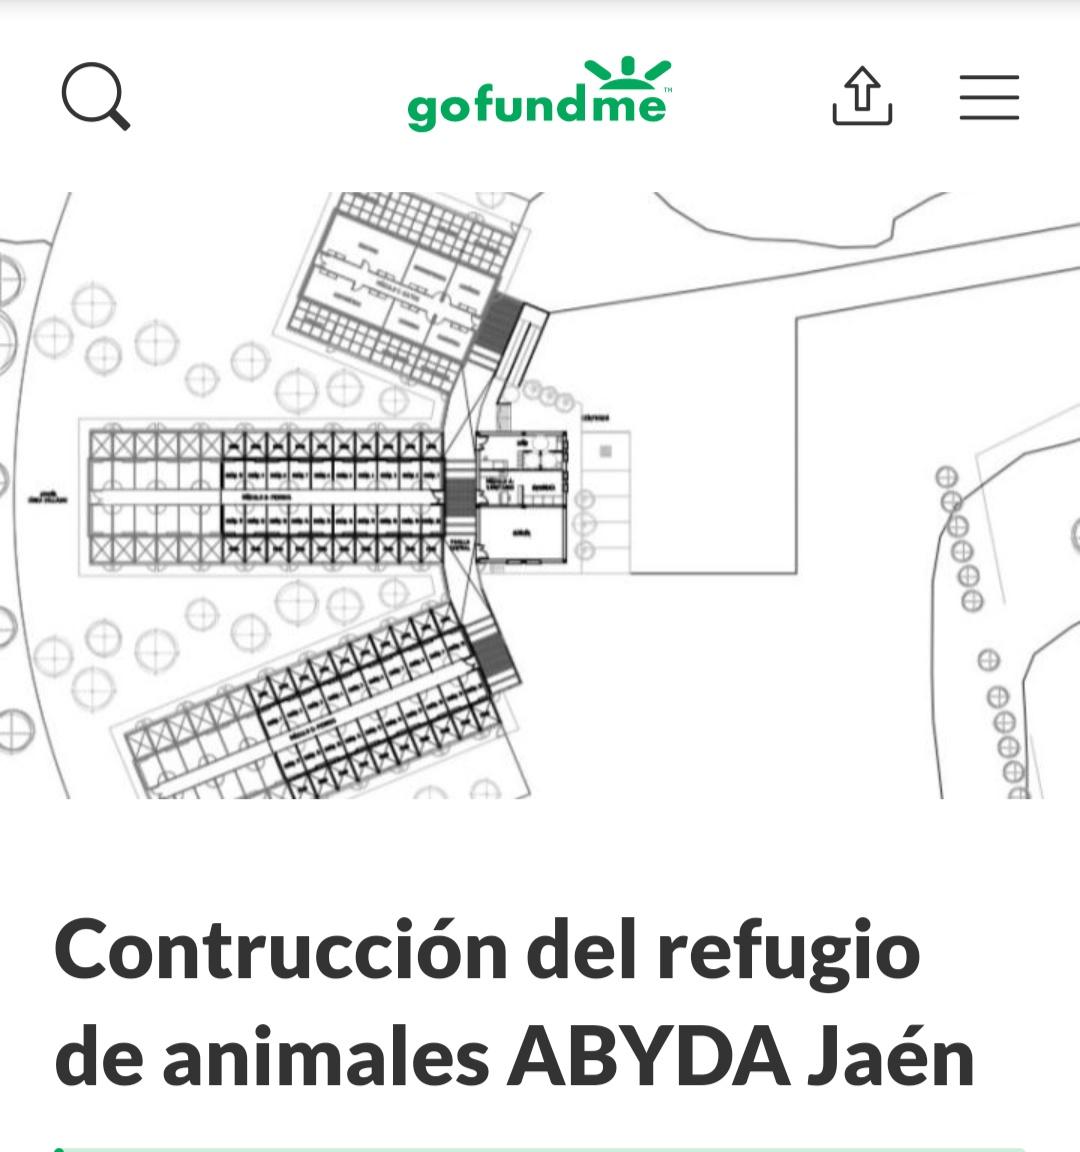 Plataforma GOFUNDME para colaborar en la construcción del nuevo refugio.